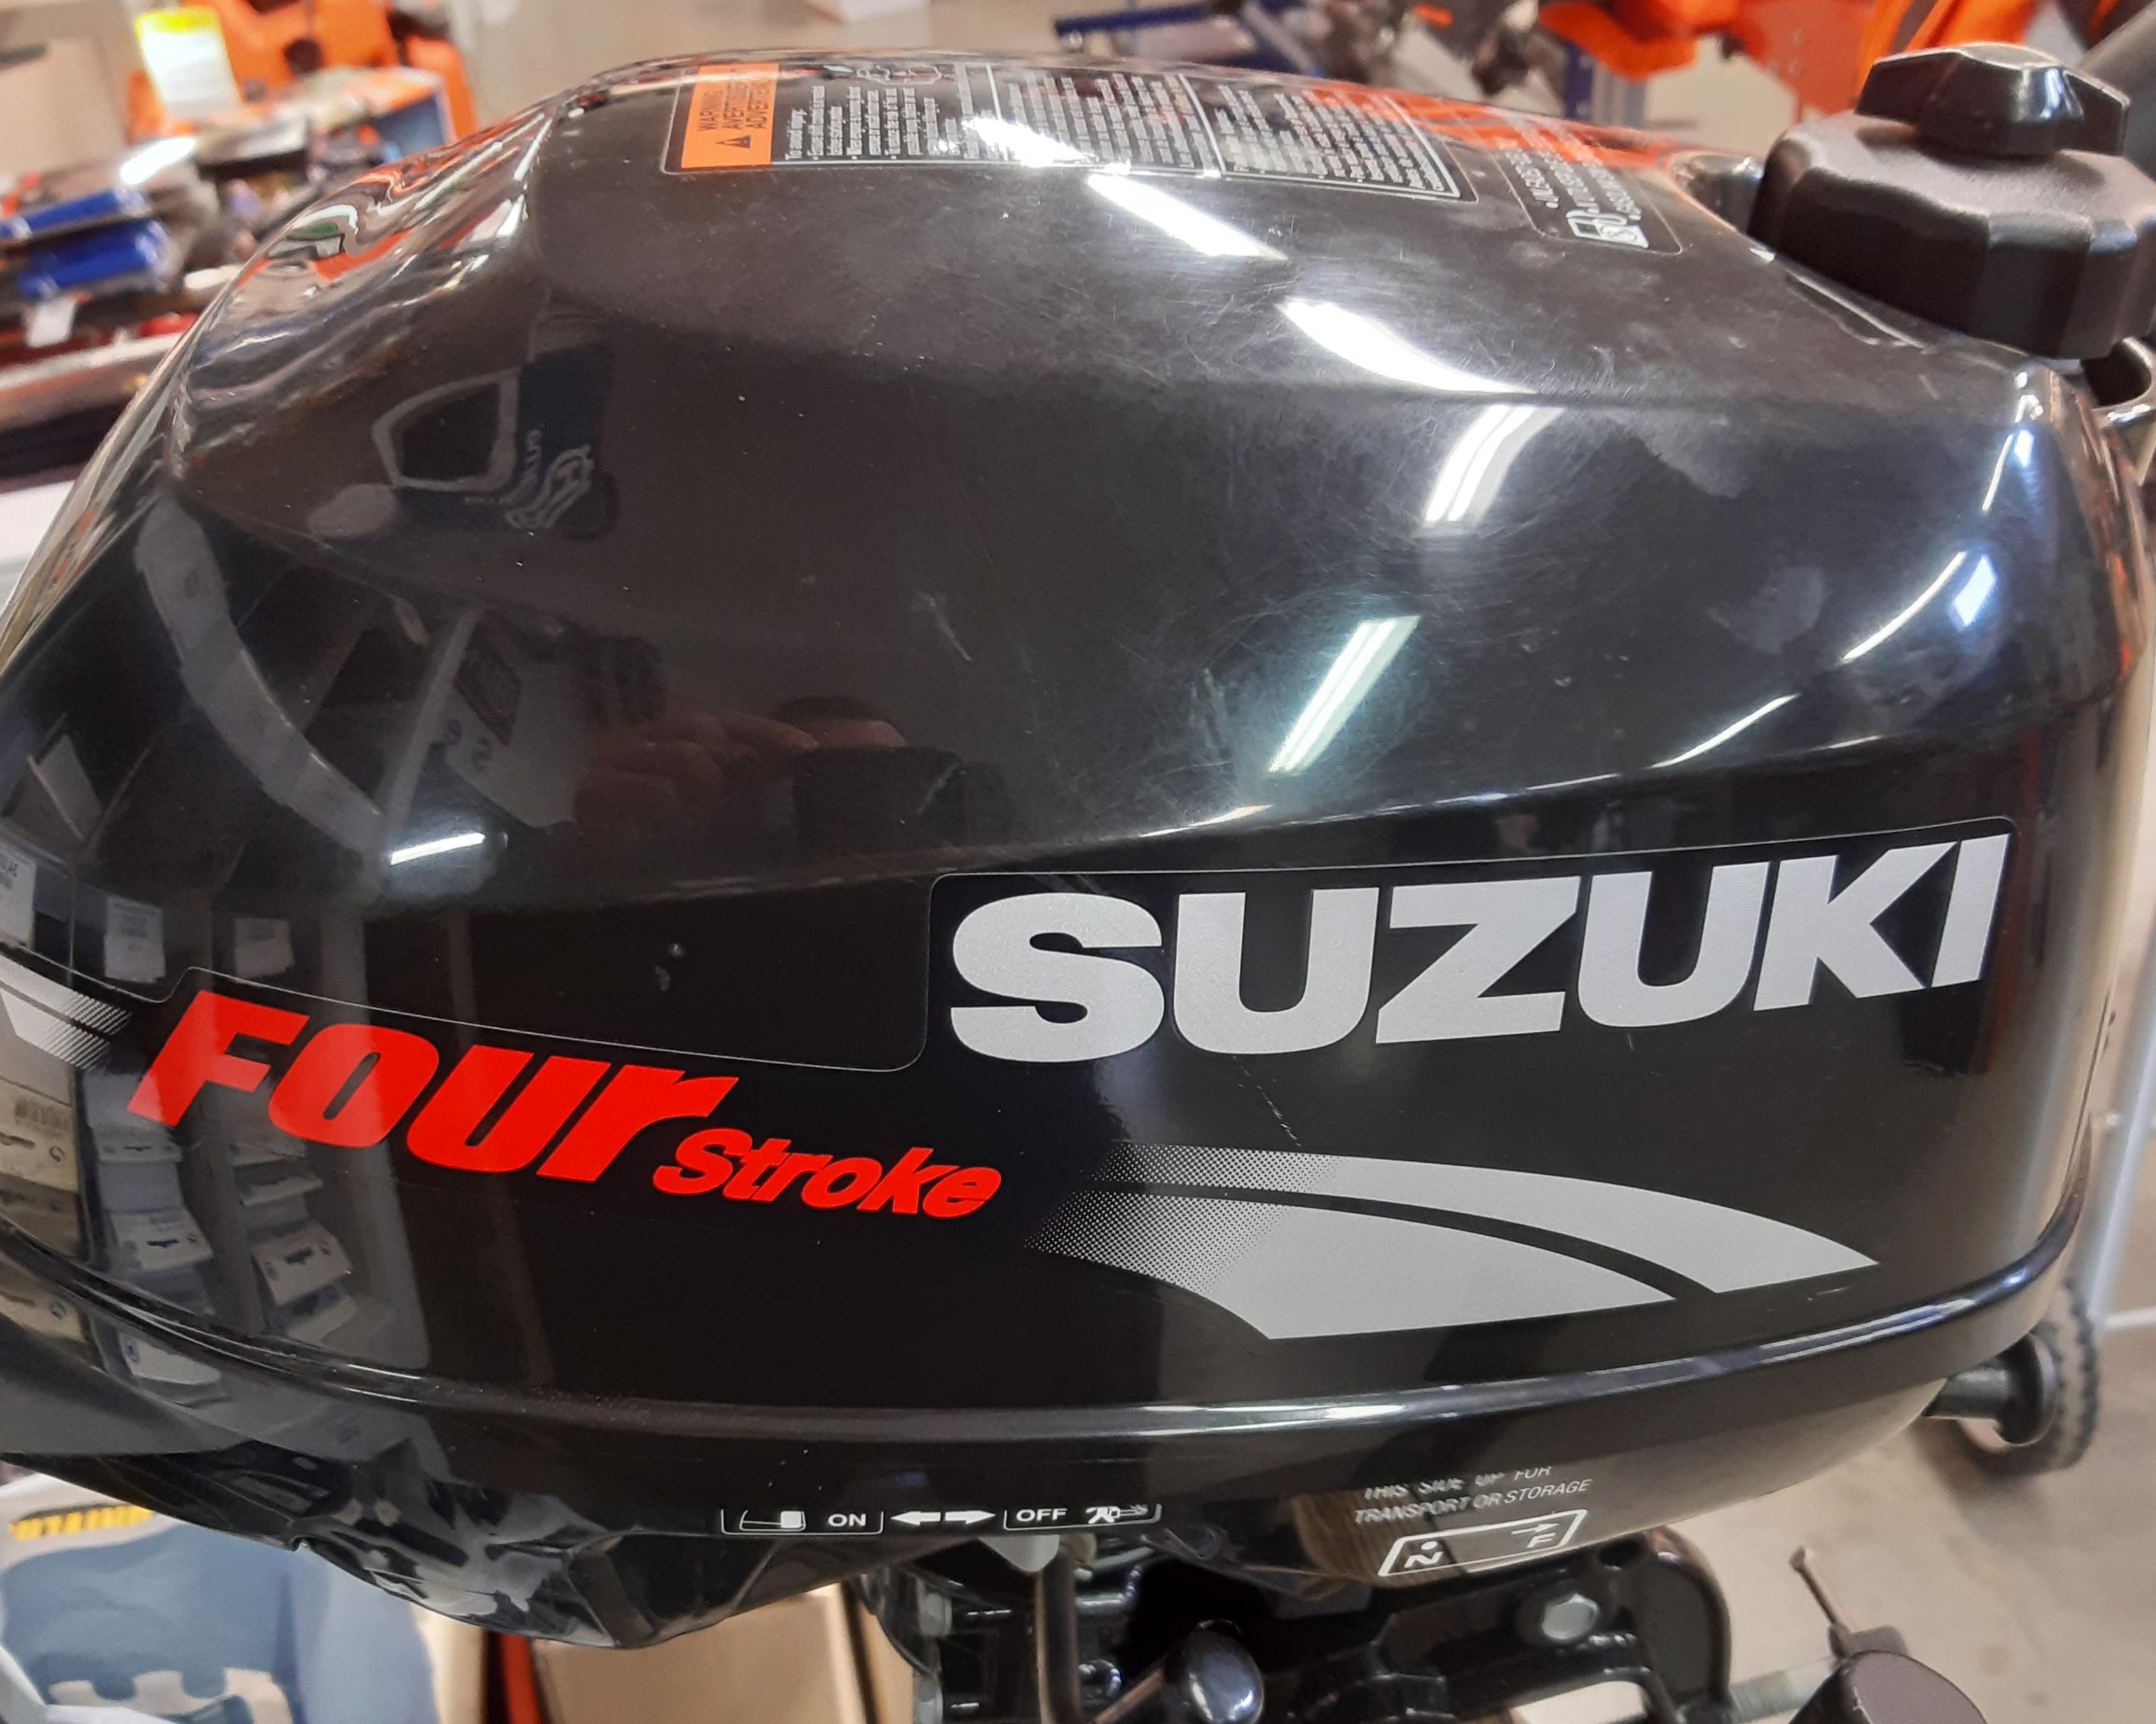 Suzuki perämoottori vm2009-käytetty-